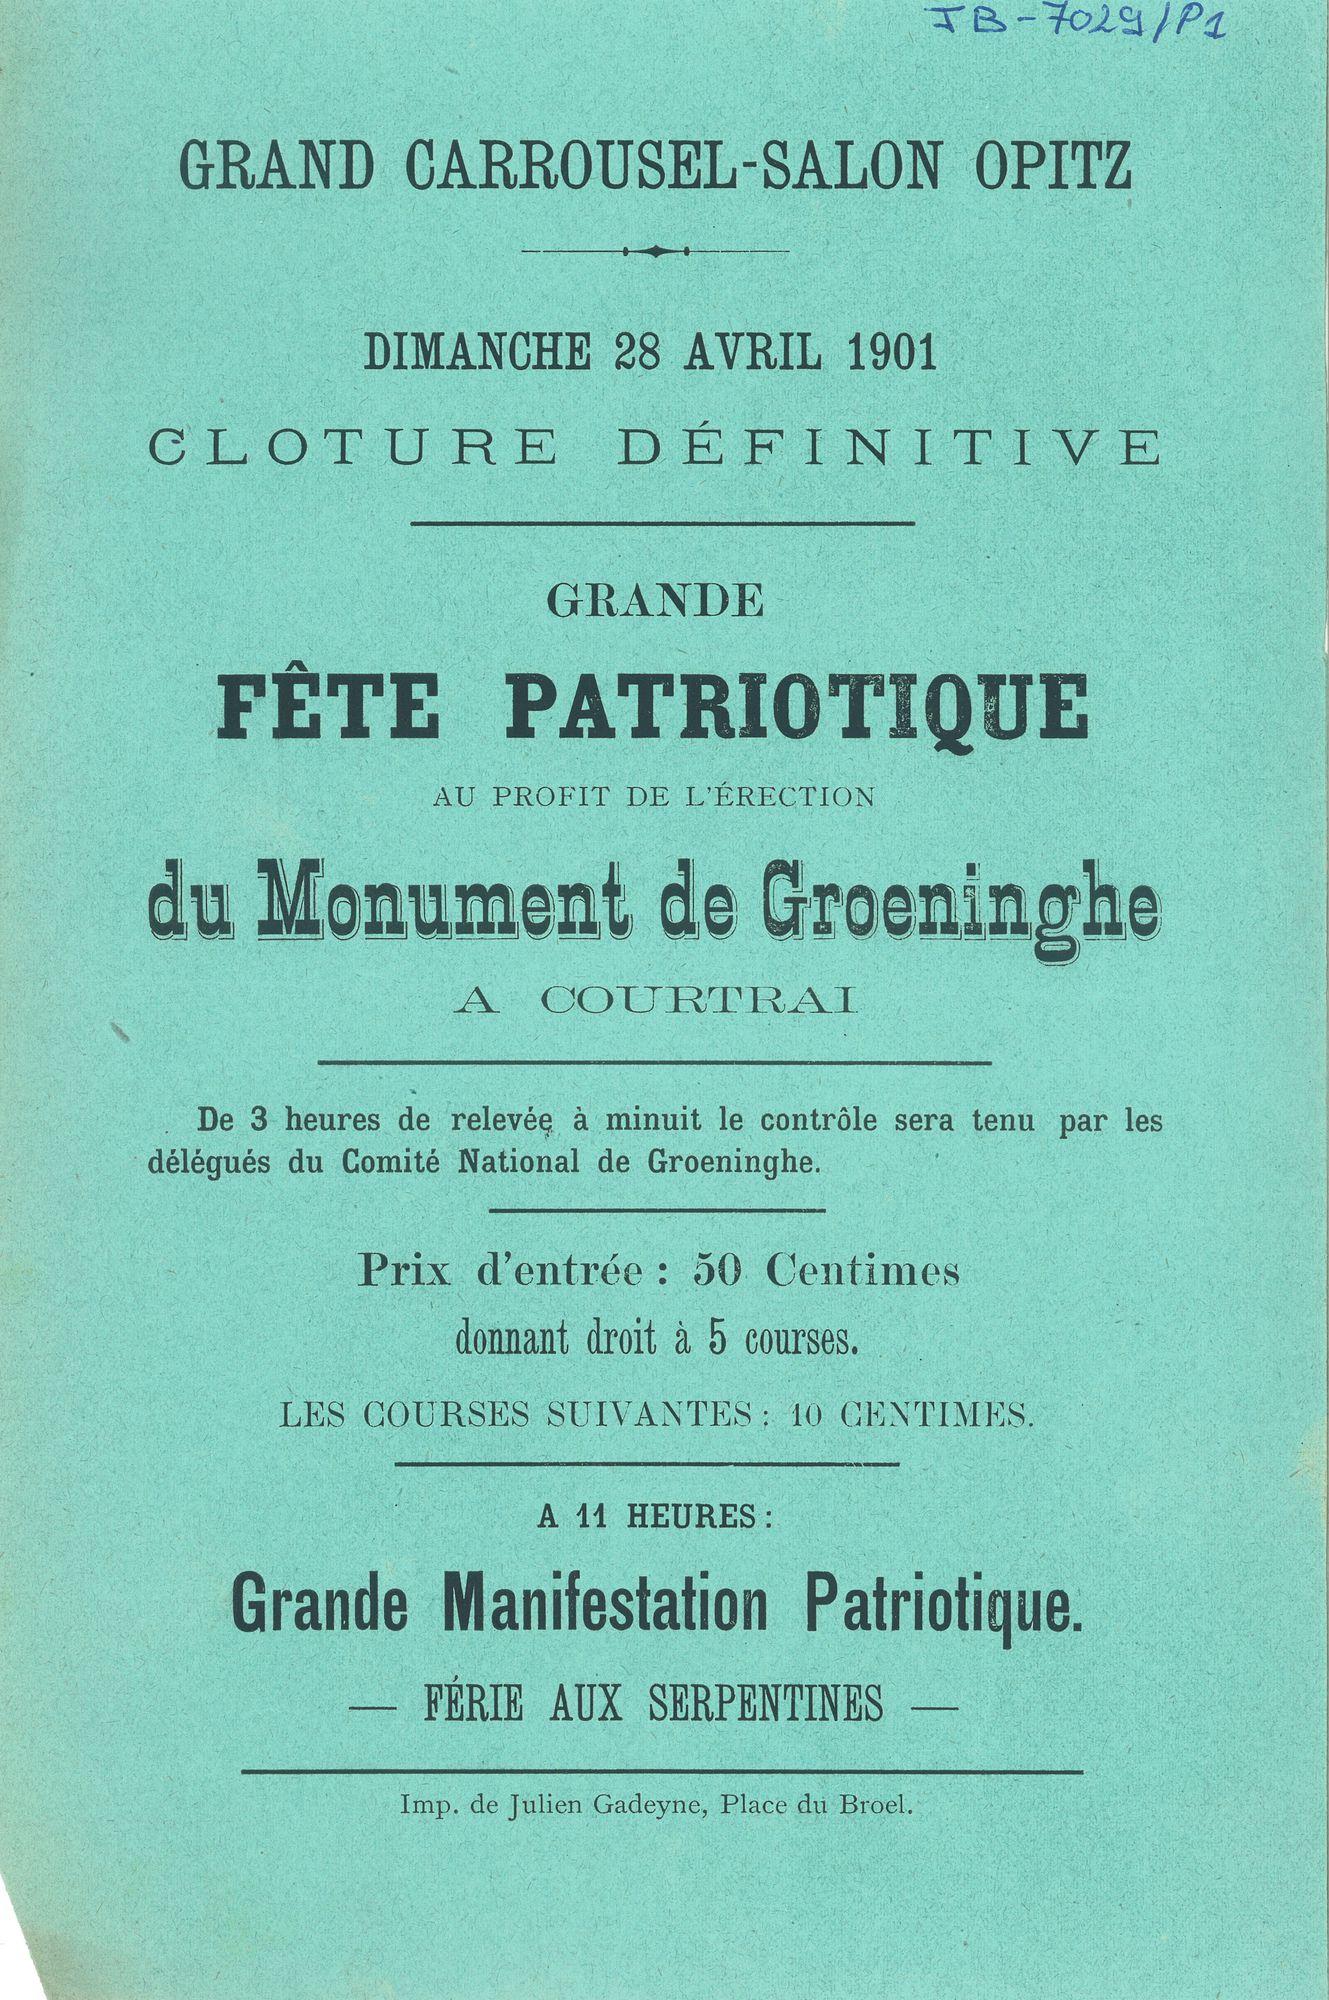 Paasfoor 1901: Grand Carrousel-Salon Opitz